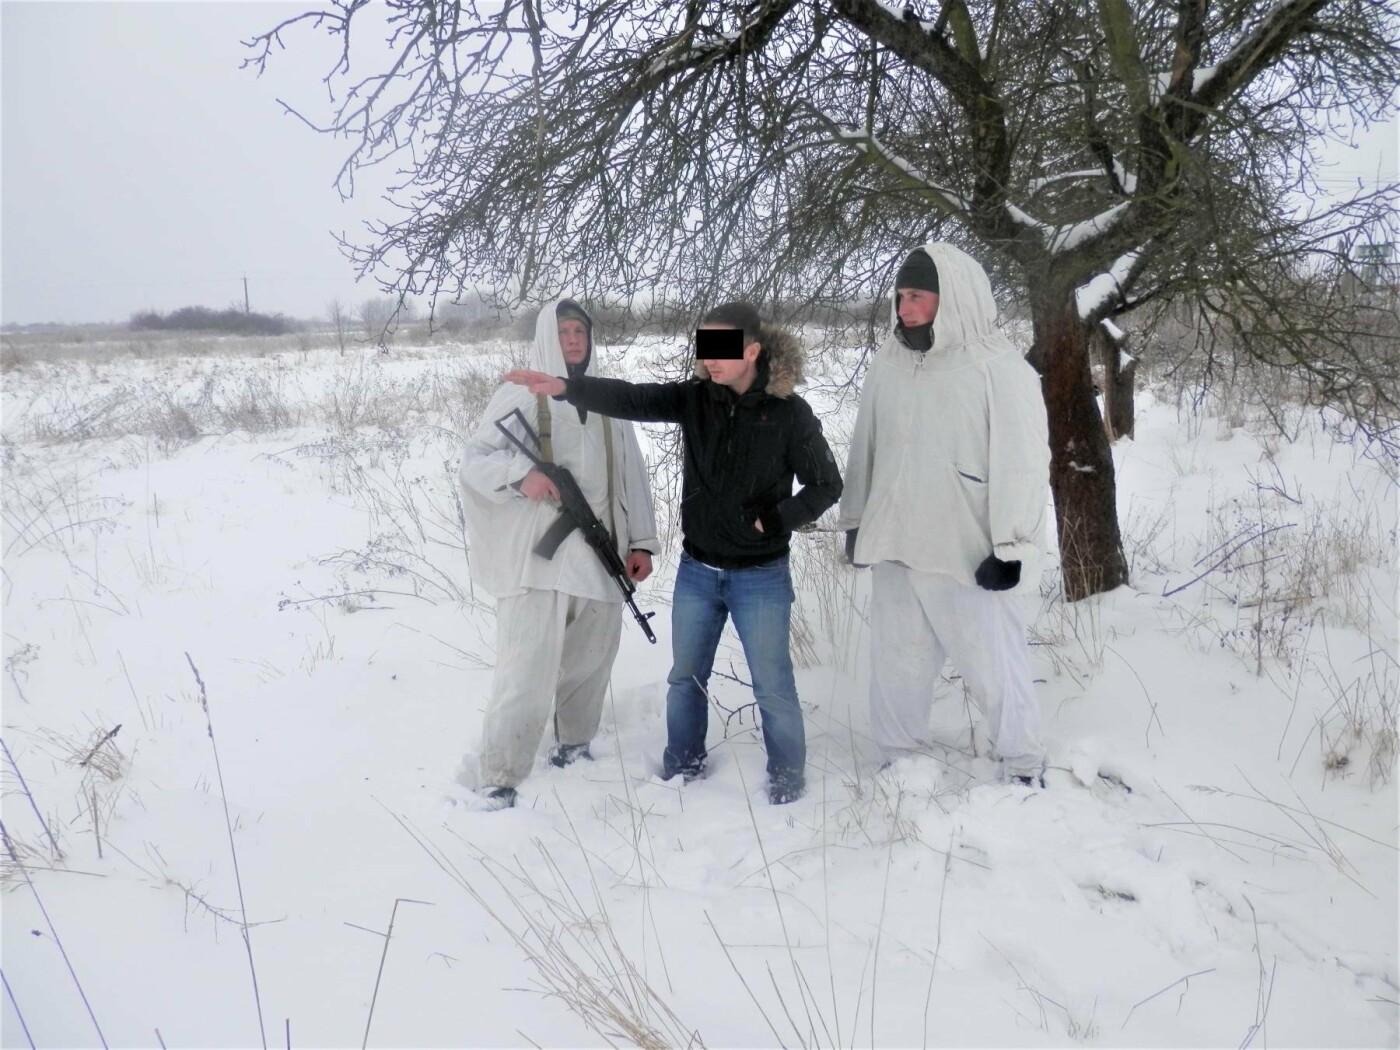 На Закарпатті за 10 метрів від кордону затримали закоханого нелегала, який долав кучугури снігу до дівчини з Рівного (ФОТО), фото-2